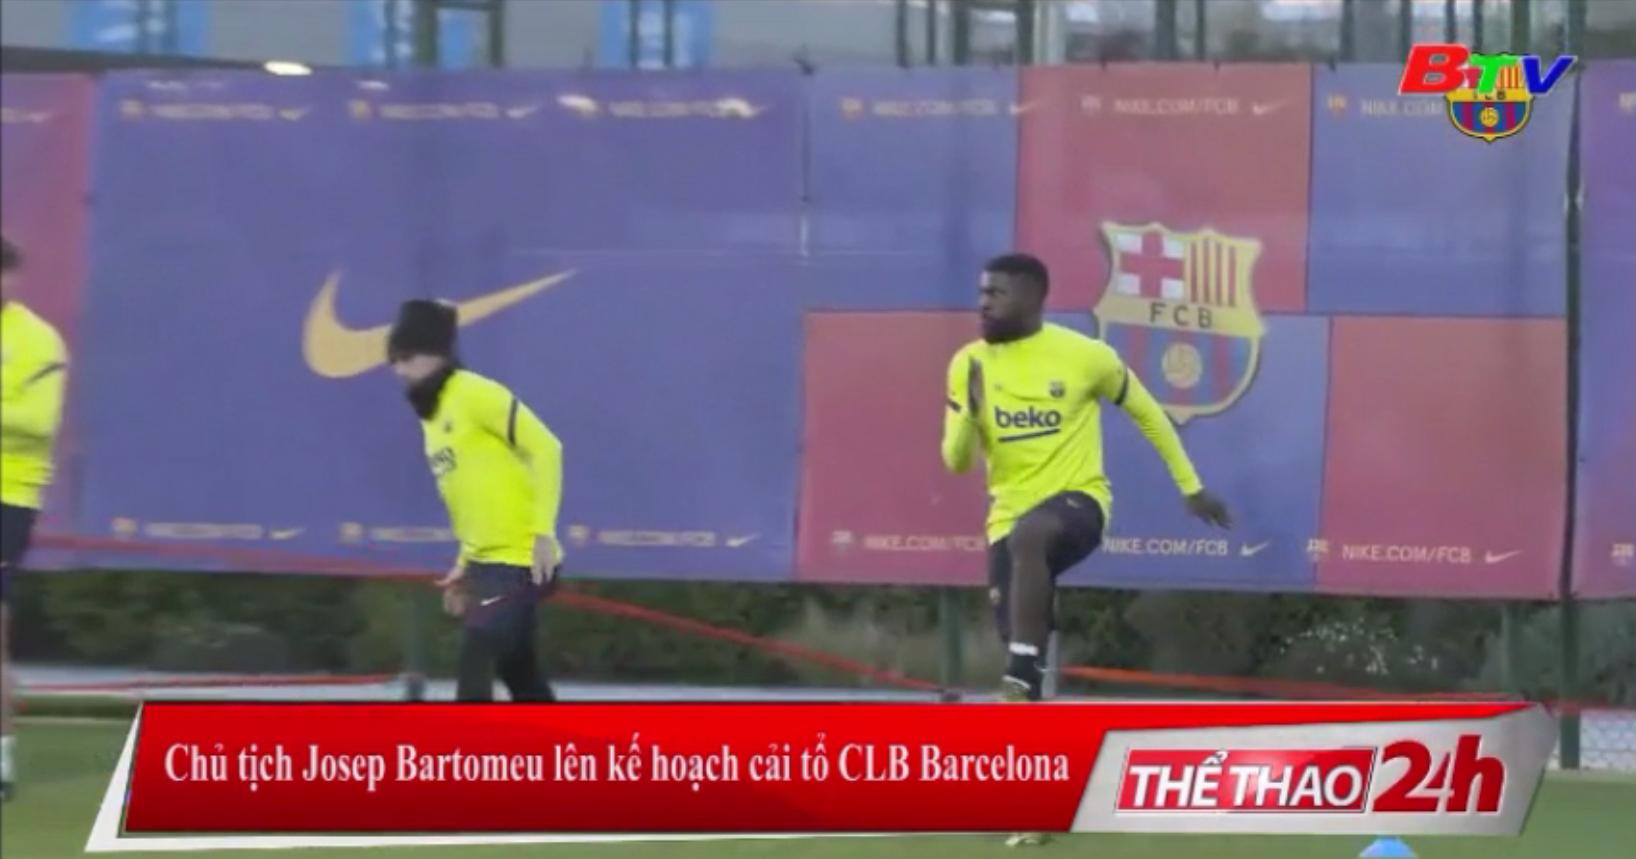 Chủ tịch Josep Bartomeu lên kế hoạch cải tổ CLB Barcelona